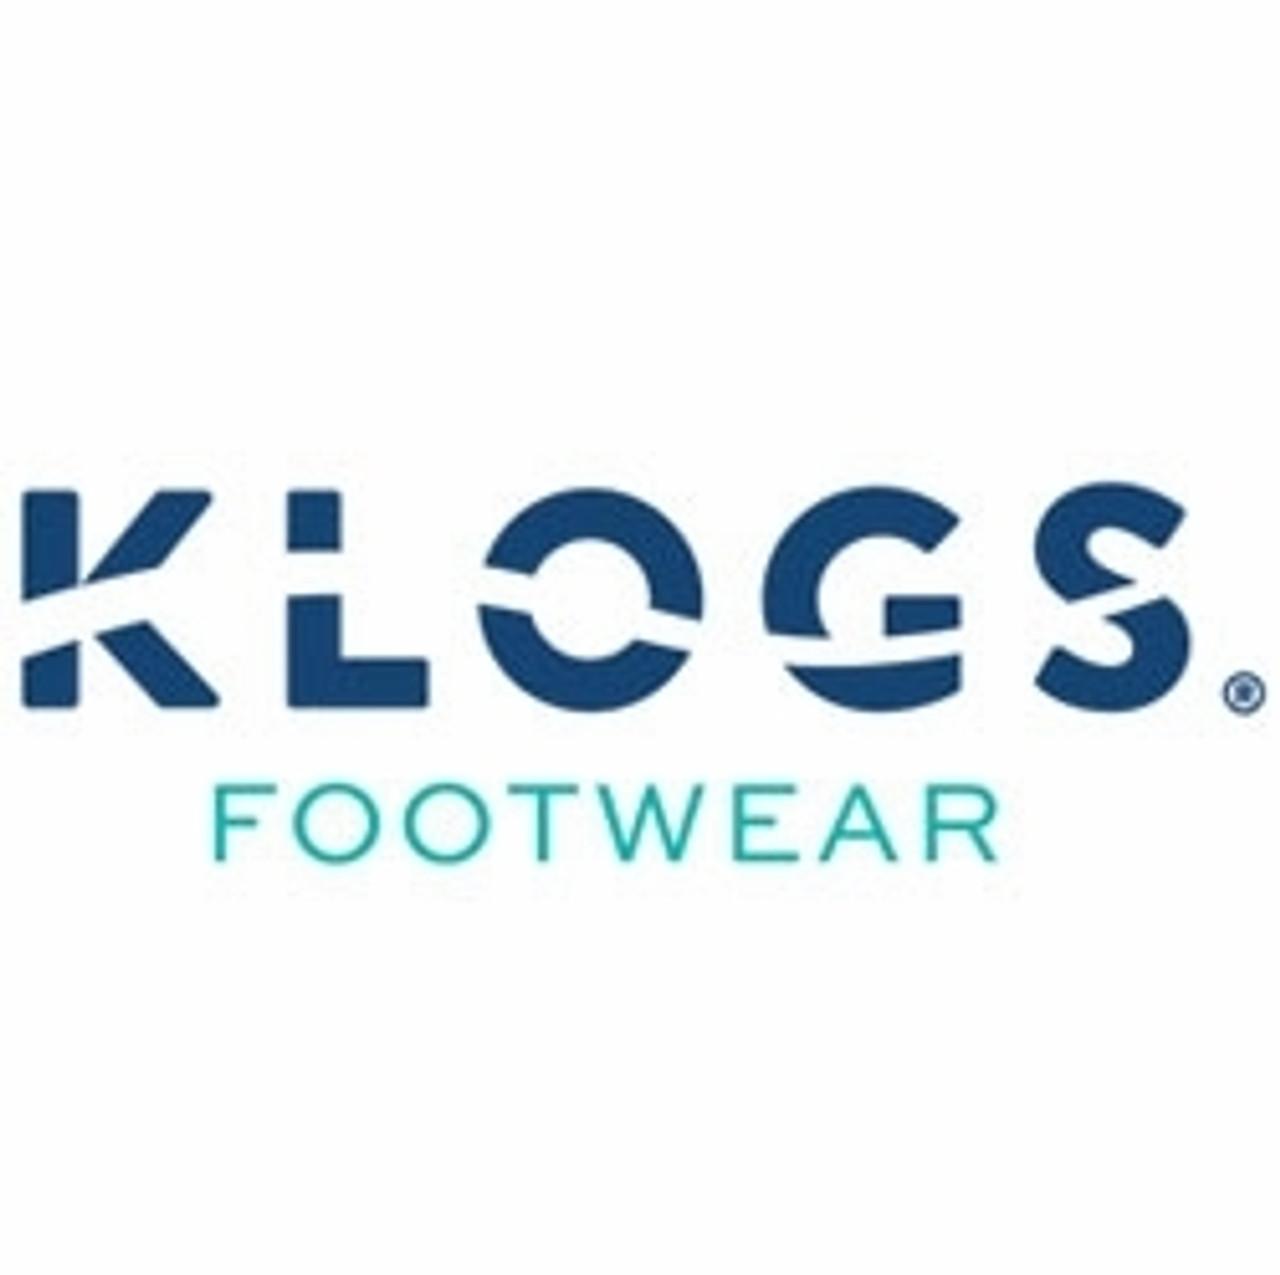 KLOGS Footwear